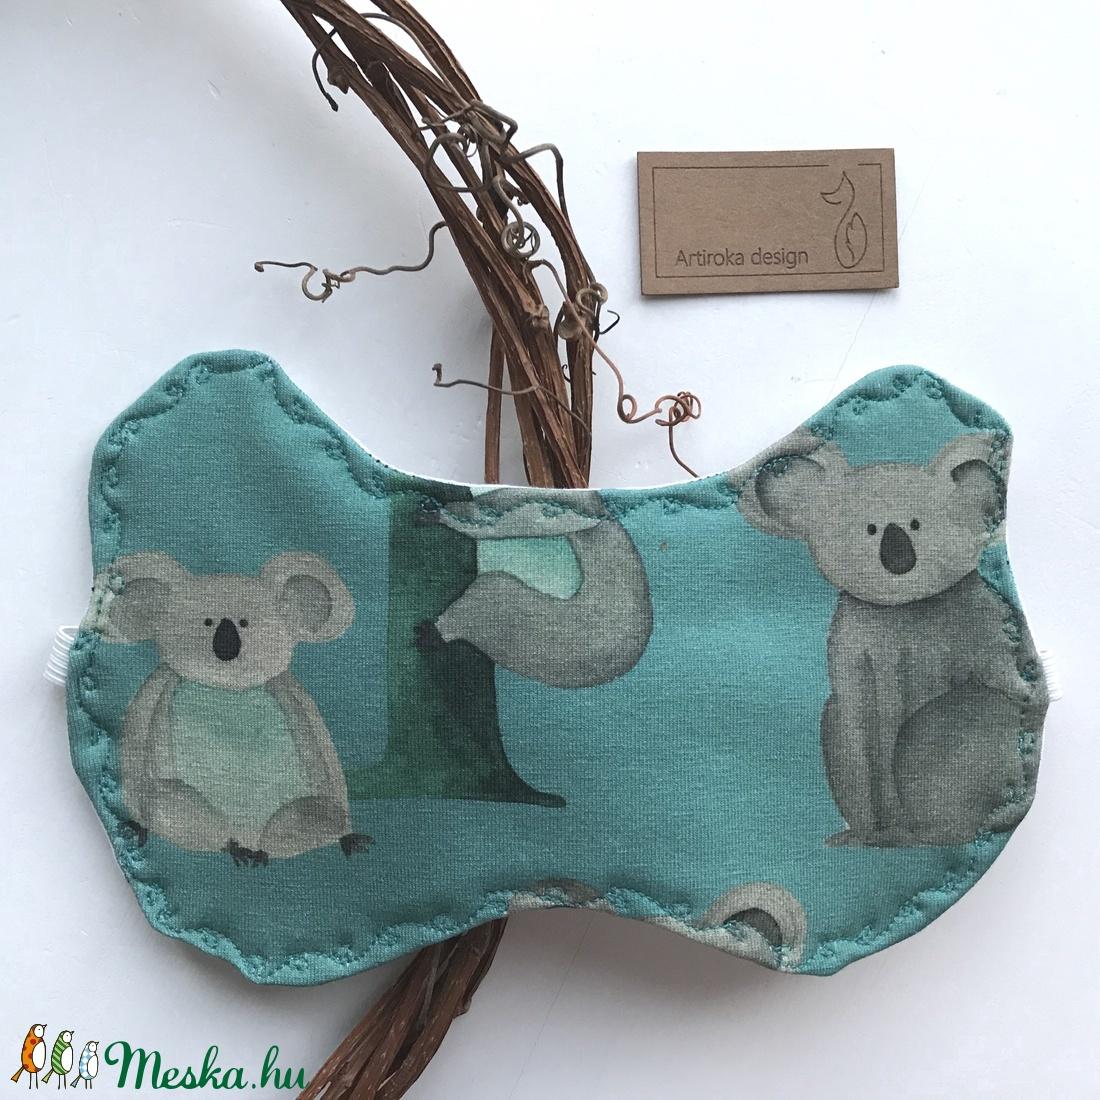 Koala mackó mintás, füles alvómaszk, szemmaszk -  Artiroka design (Mesedoboz) - Meska.hu